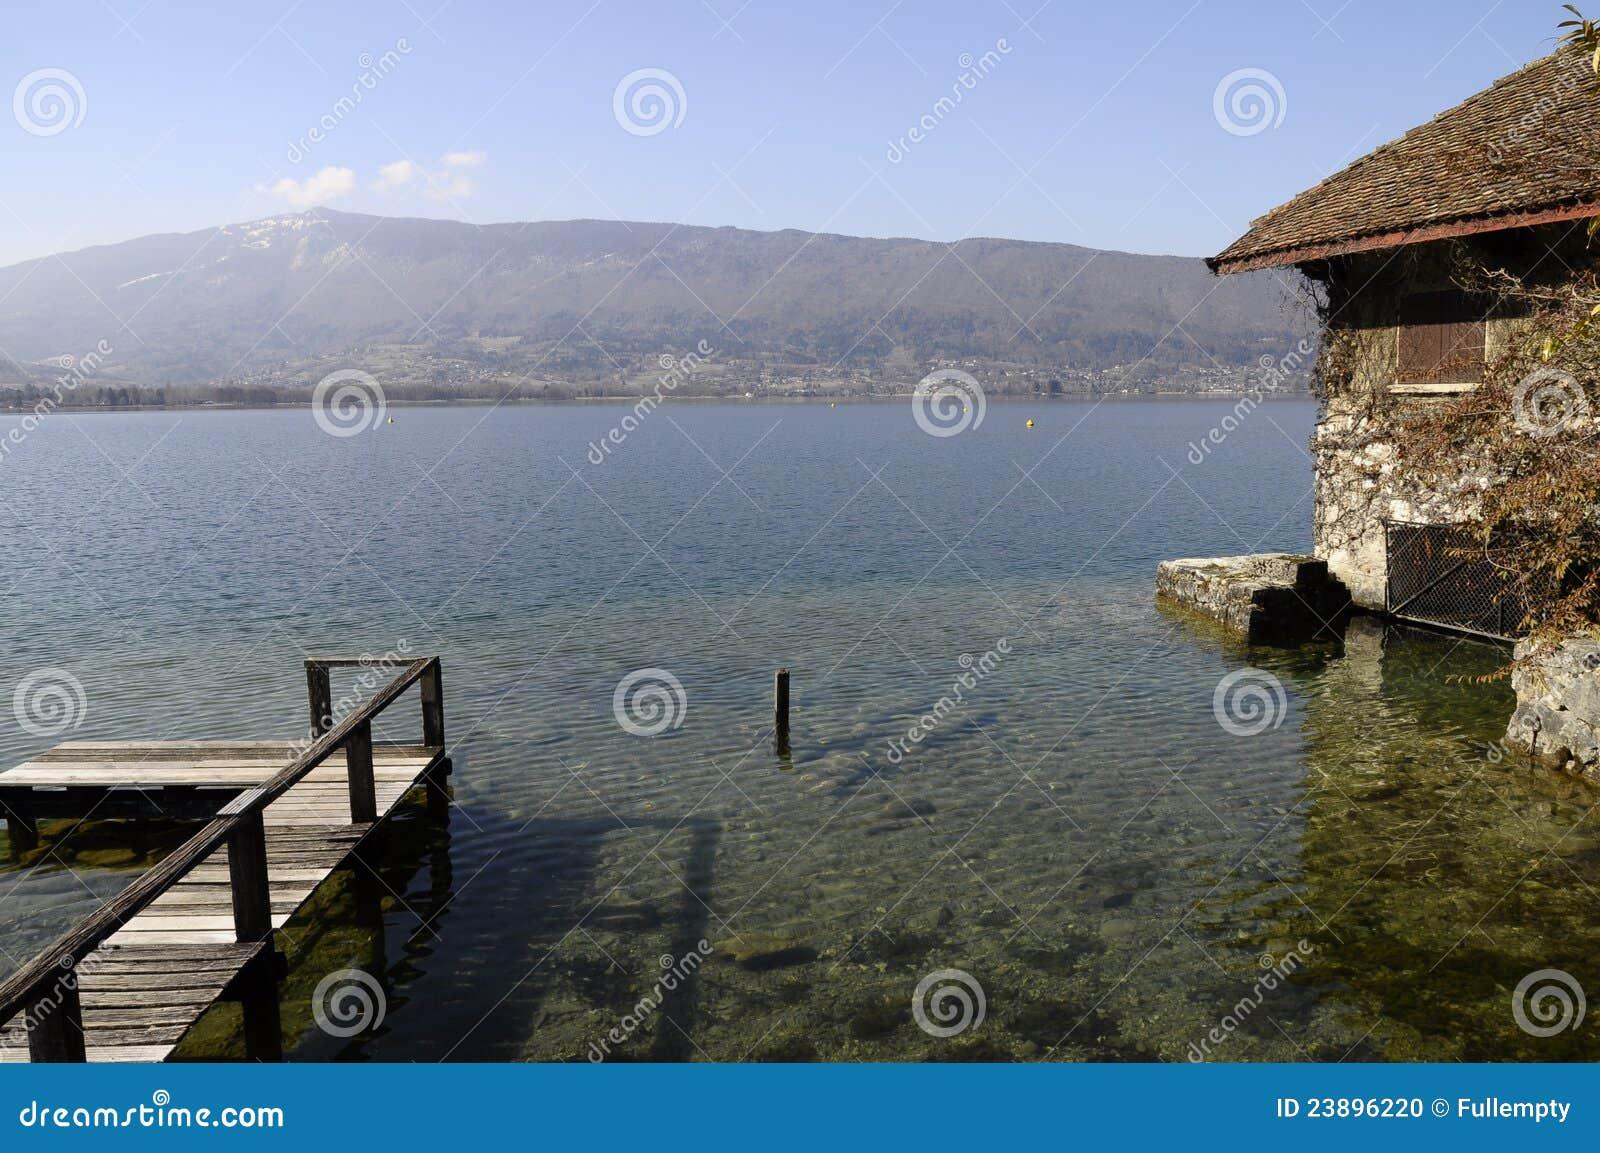 Maison en pierre de bord de mer photo stock image 23896220 for Maison bois bord de mer